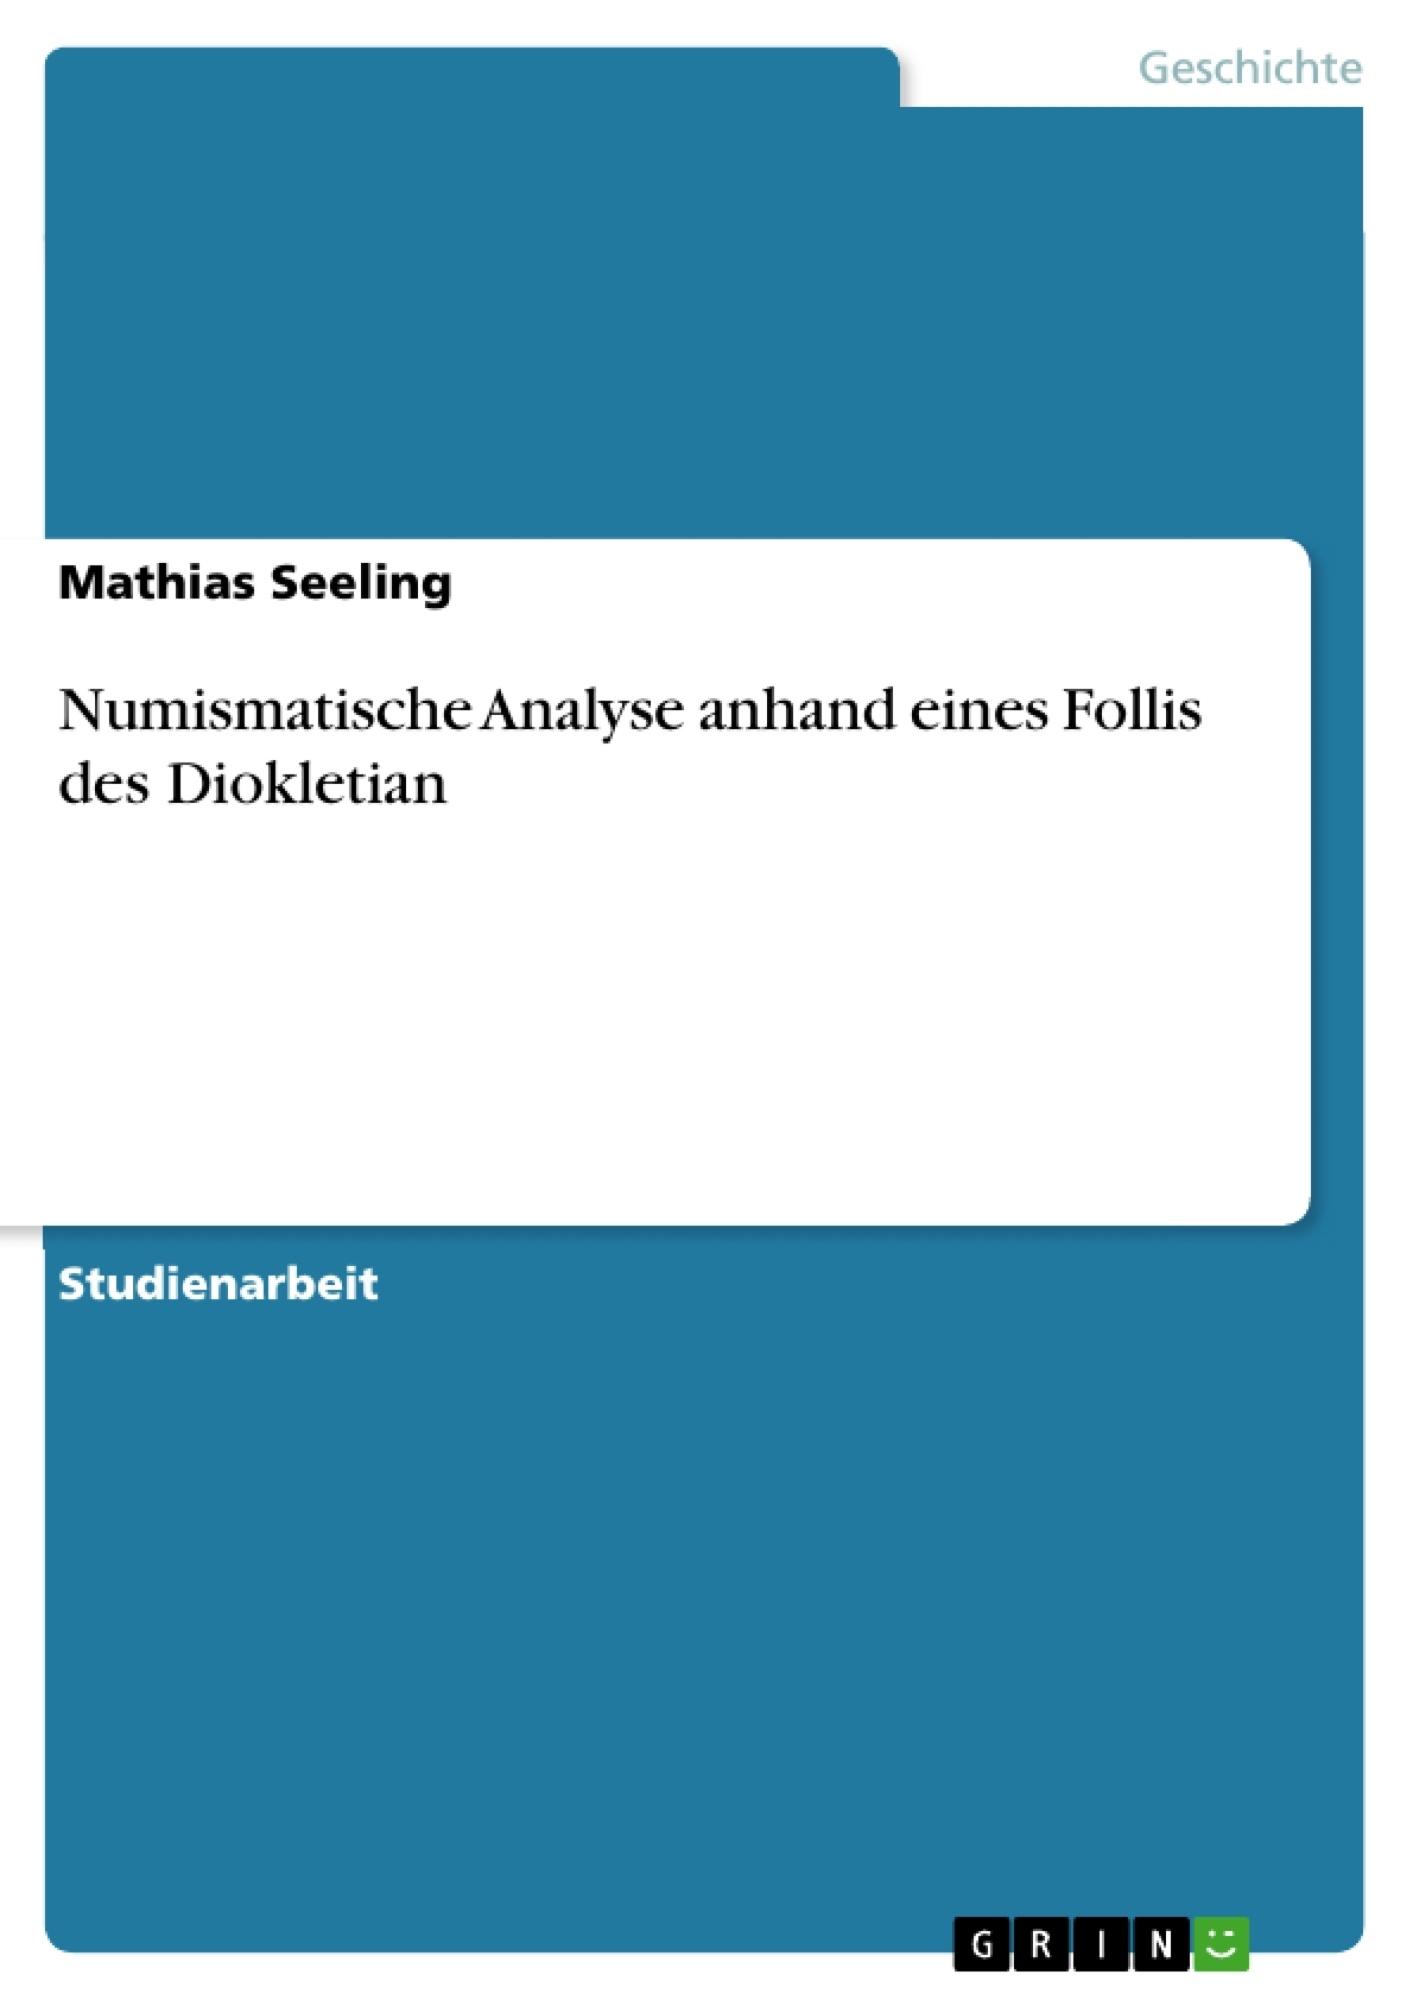 Titel: Numismatische Analyse anhand eines Follis des Diokletian